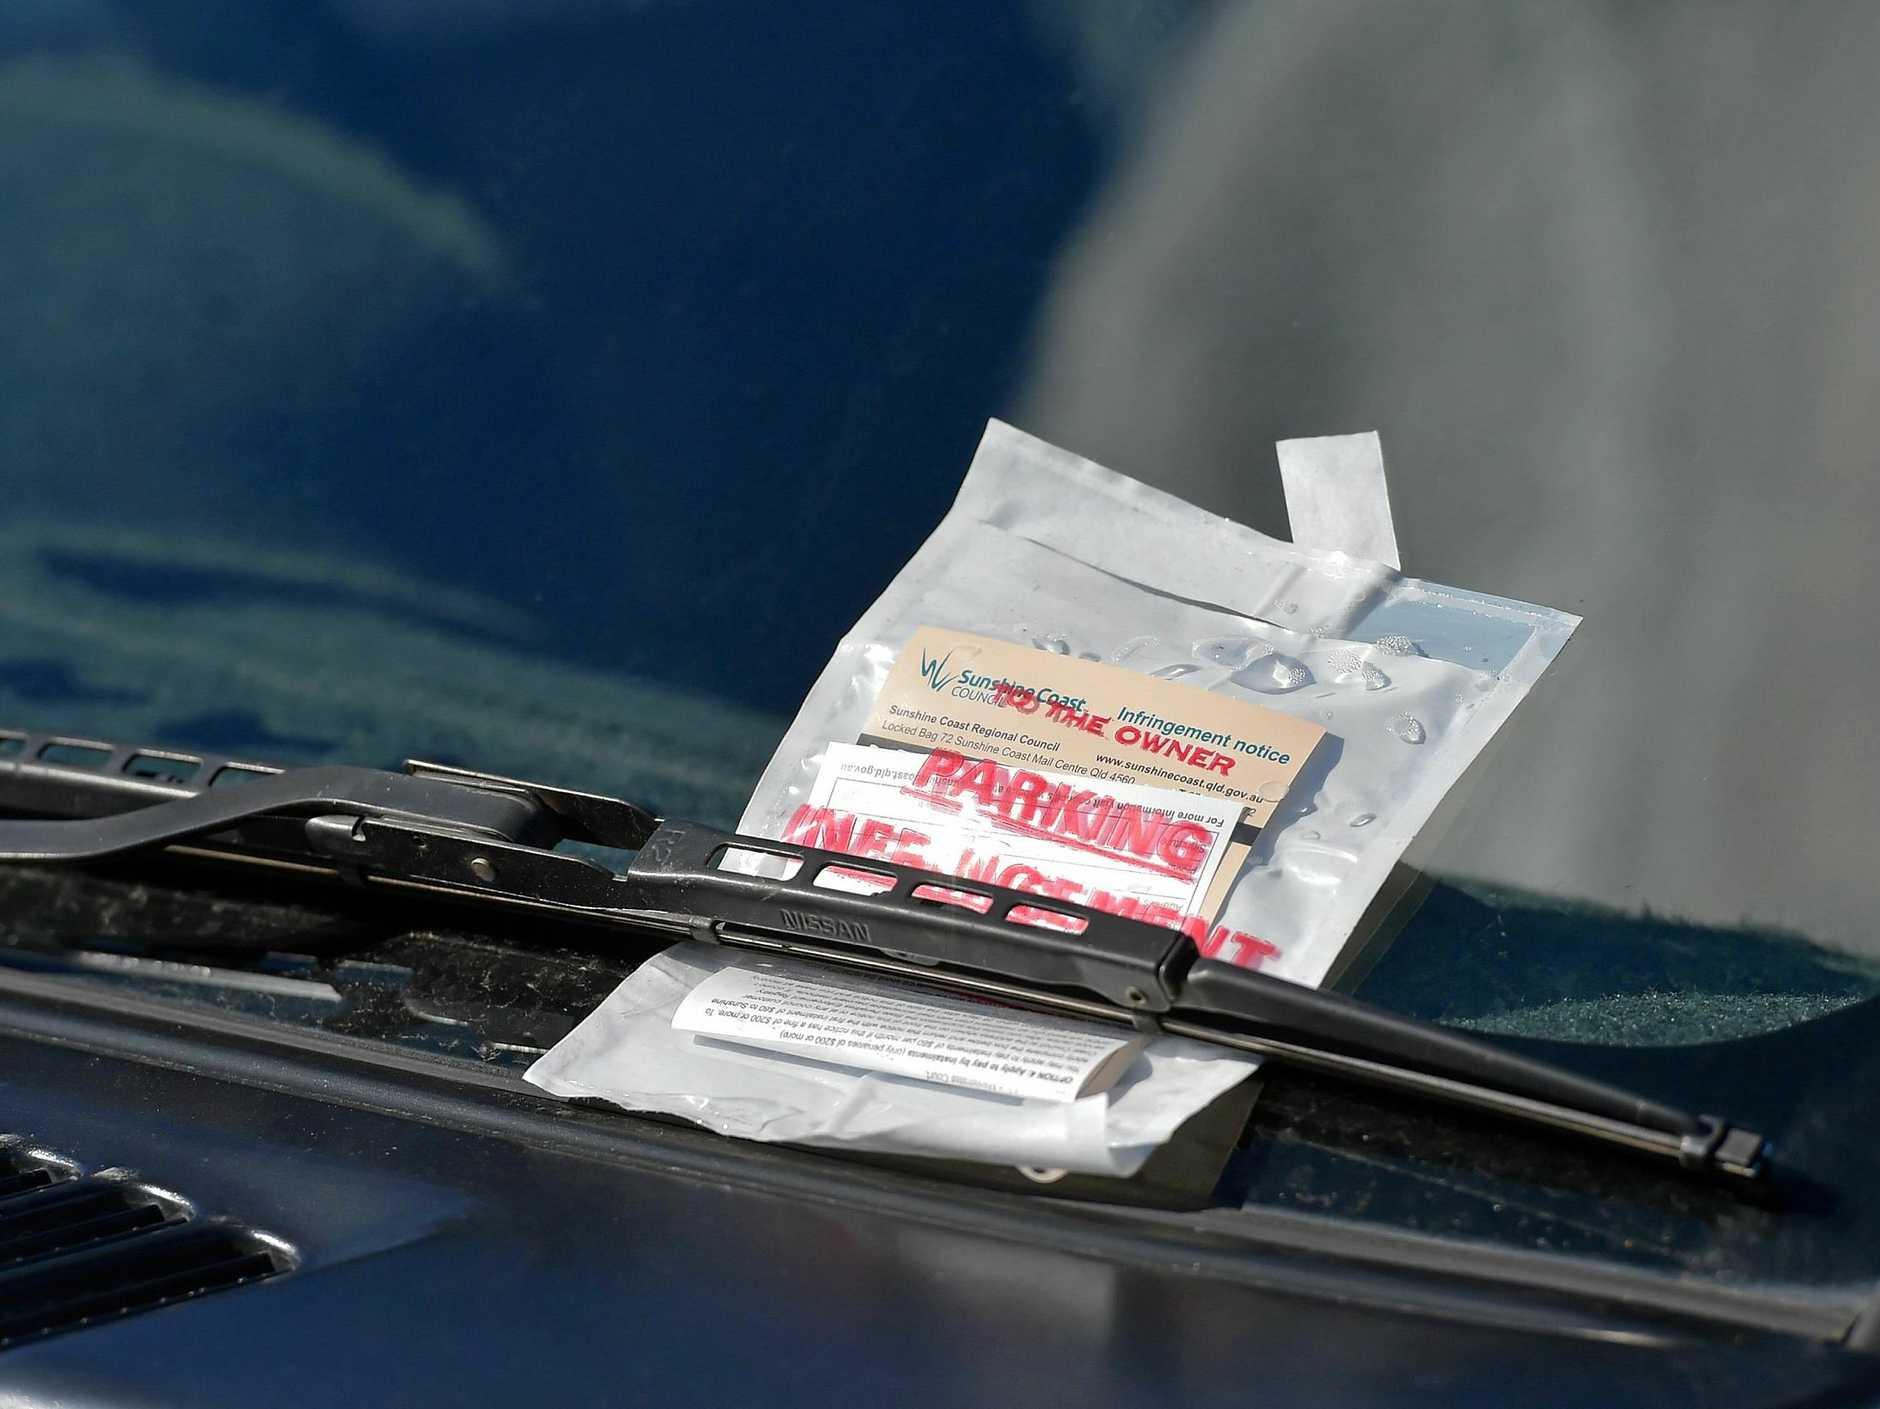 Parking infringement notice, parking ticket, parking fine.